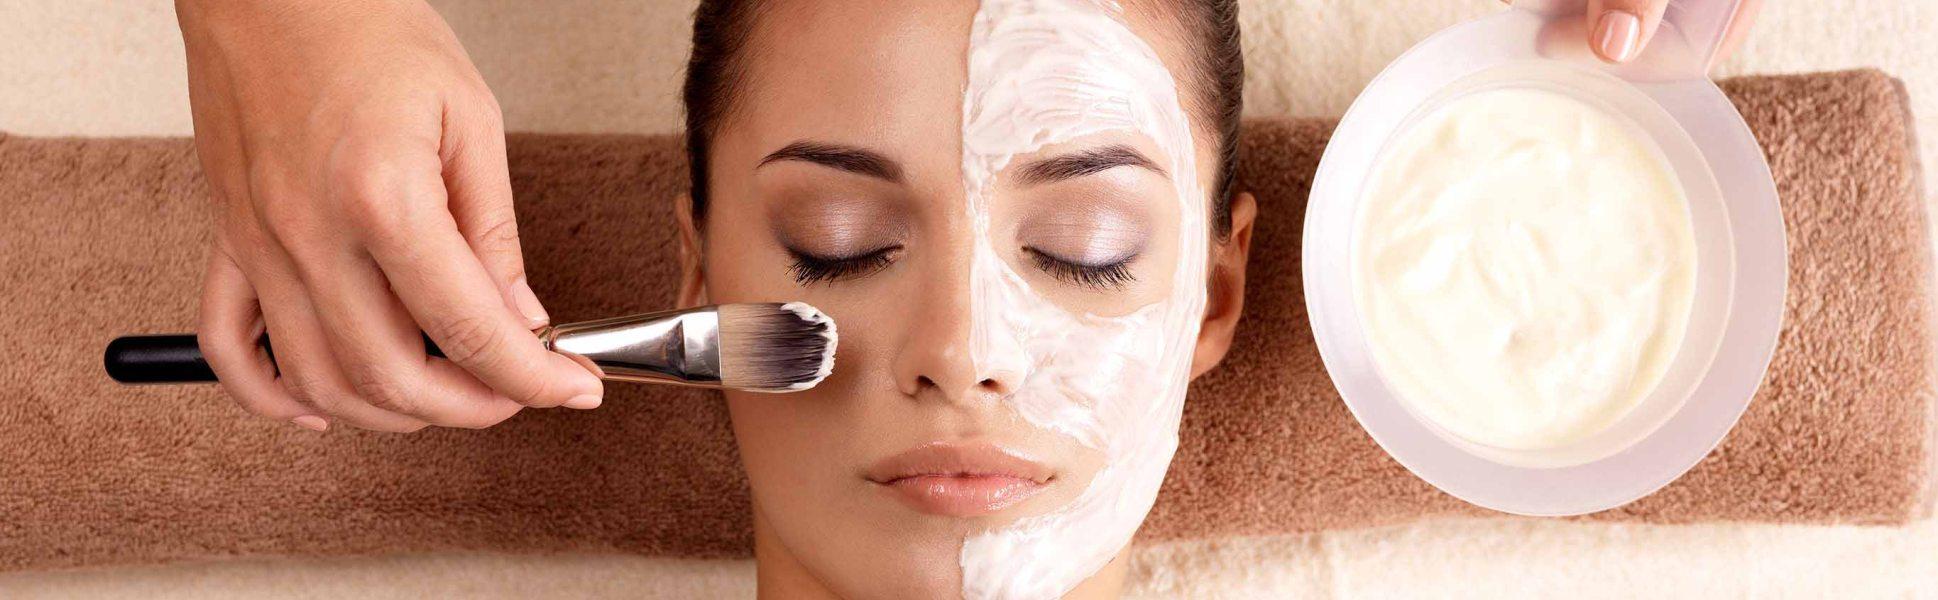 cosmetica faciala